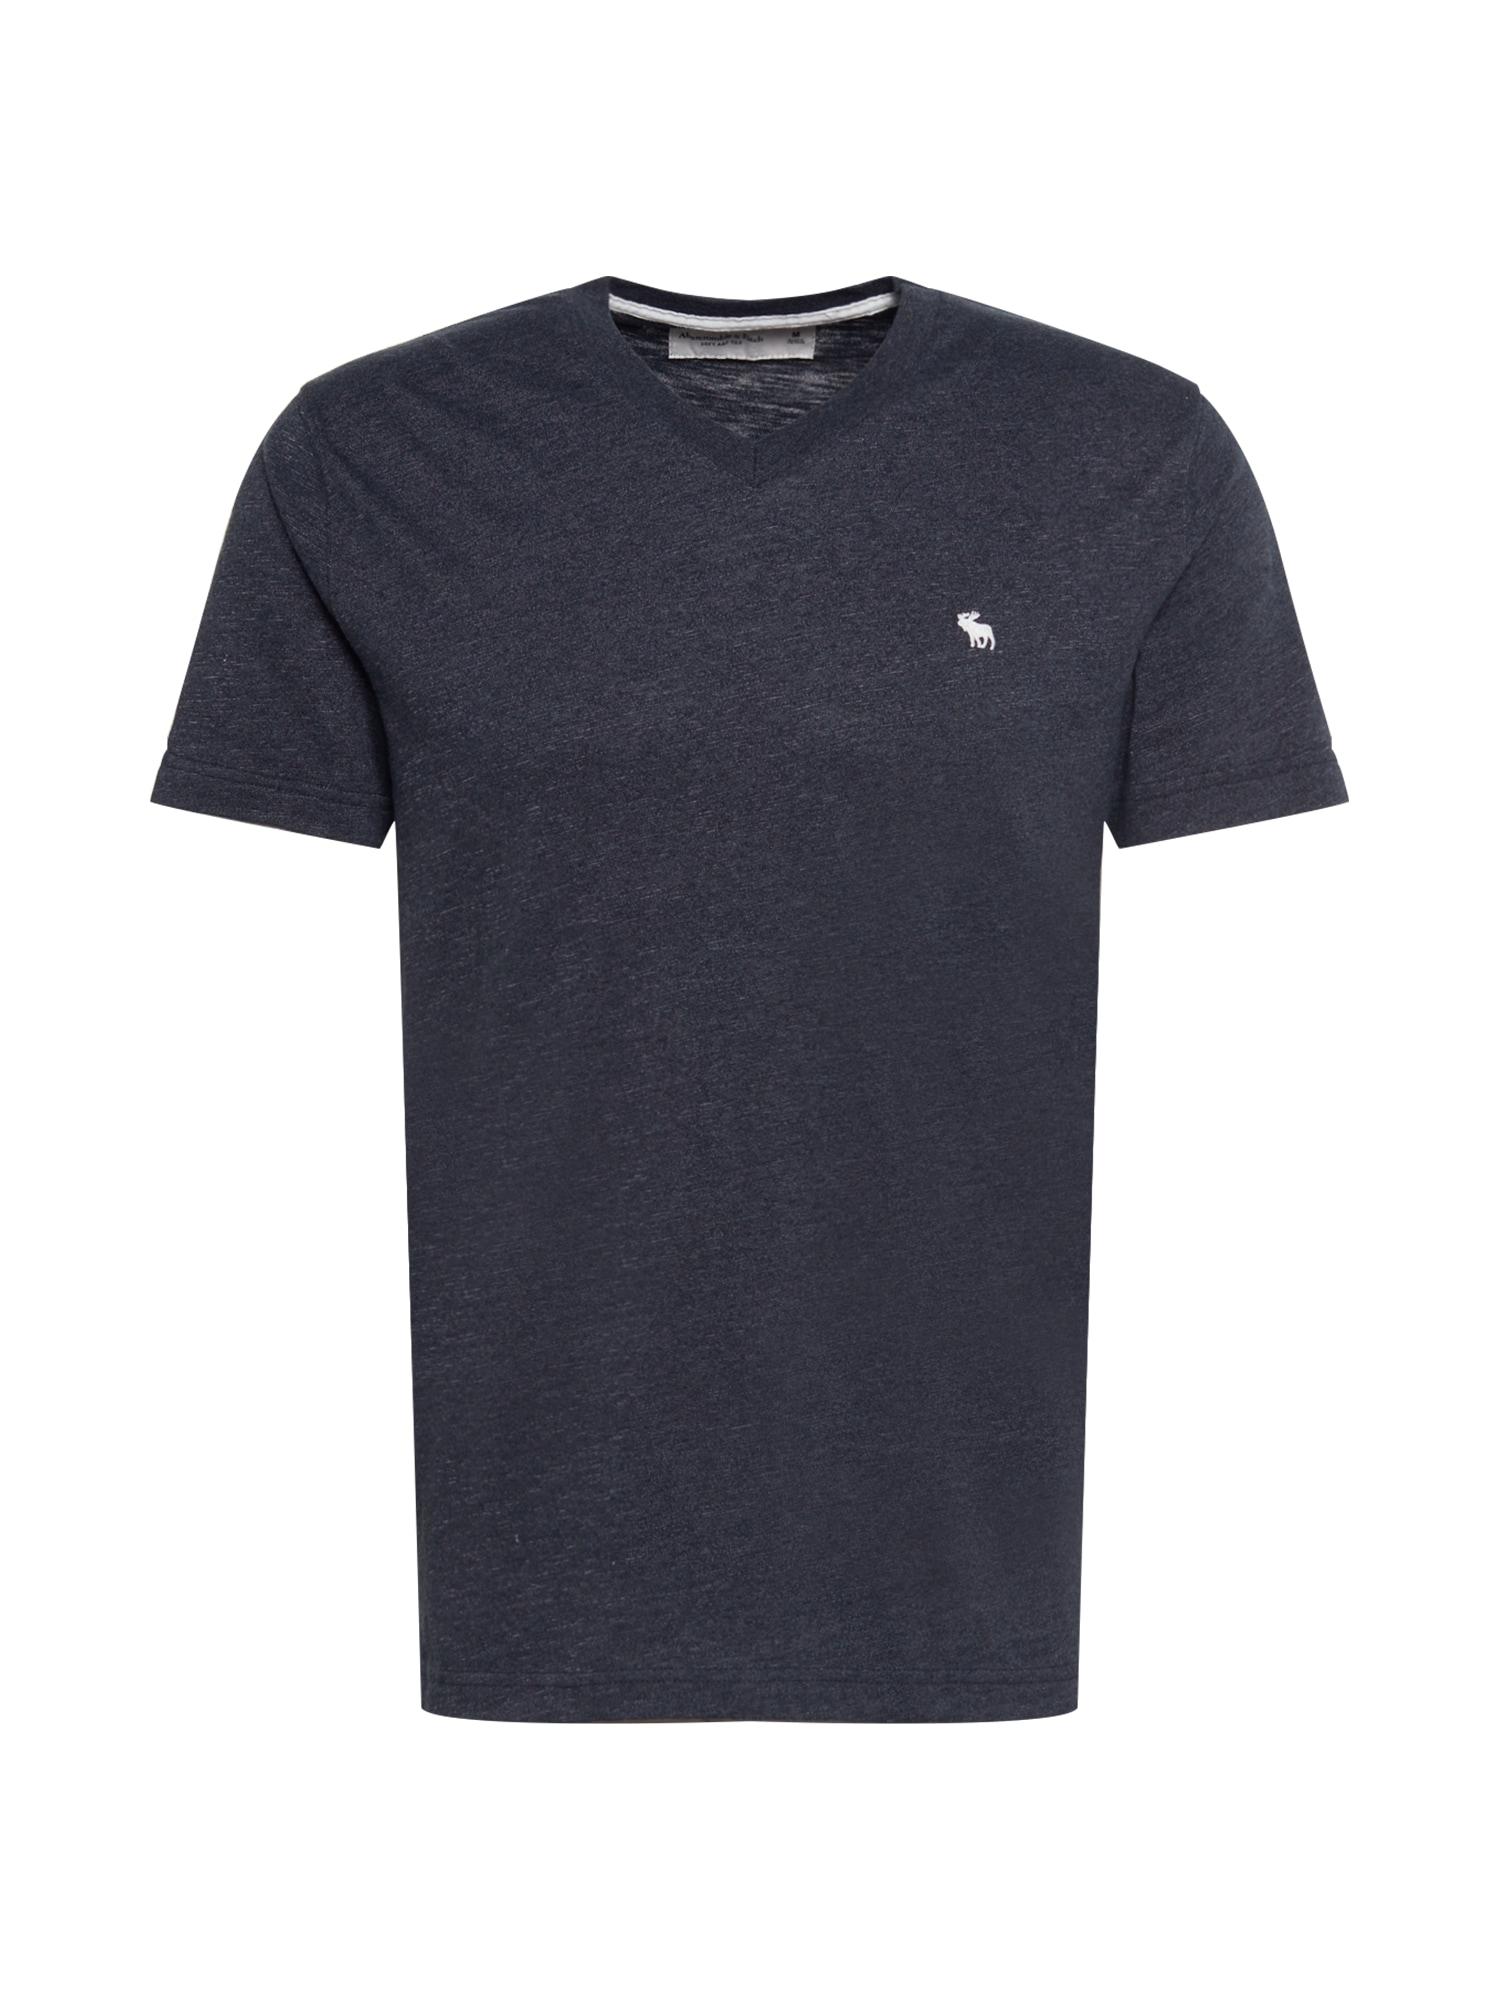 Abercrombie & Fitch Marškinėliai margai juoda / balta